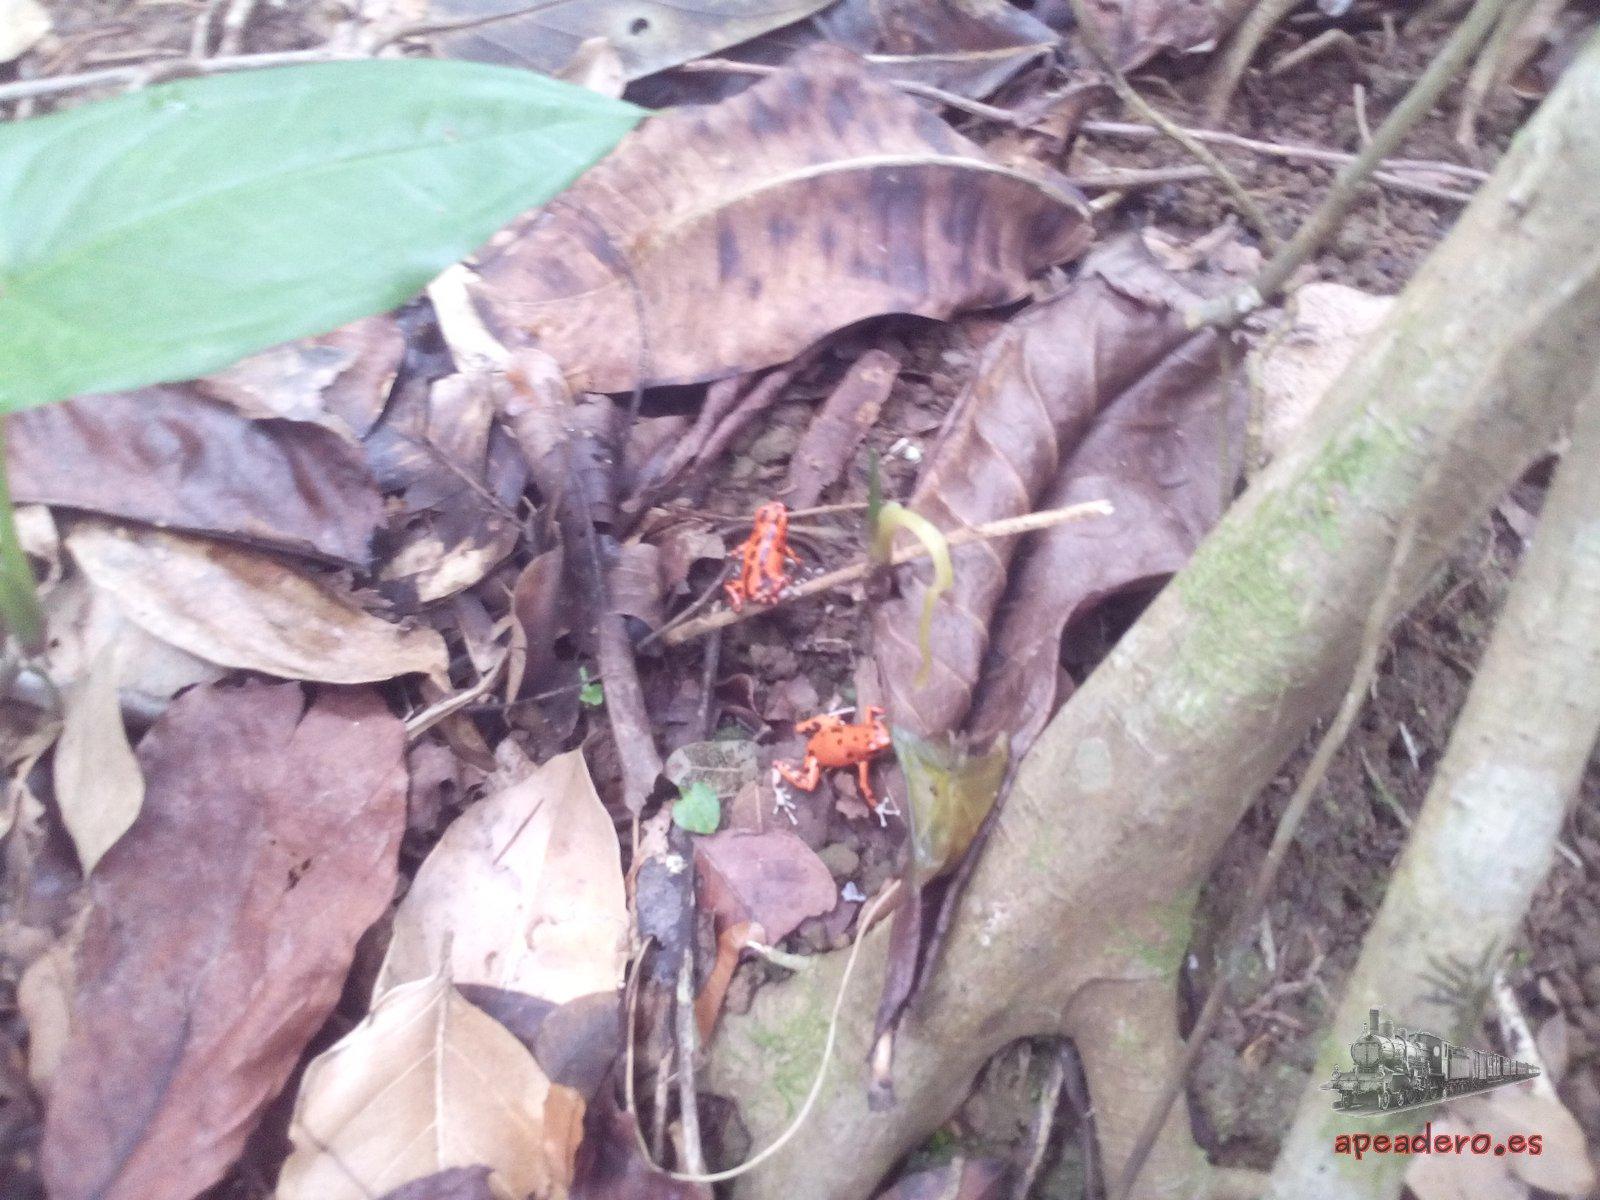 Las ranas rojas características de esta zona se deben buscar entre el barro justo antes de llegar a la playa Red Frog desde Wizard